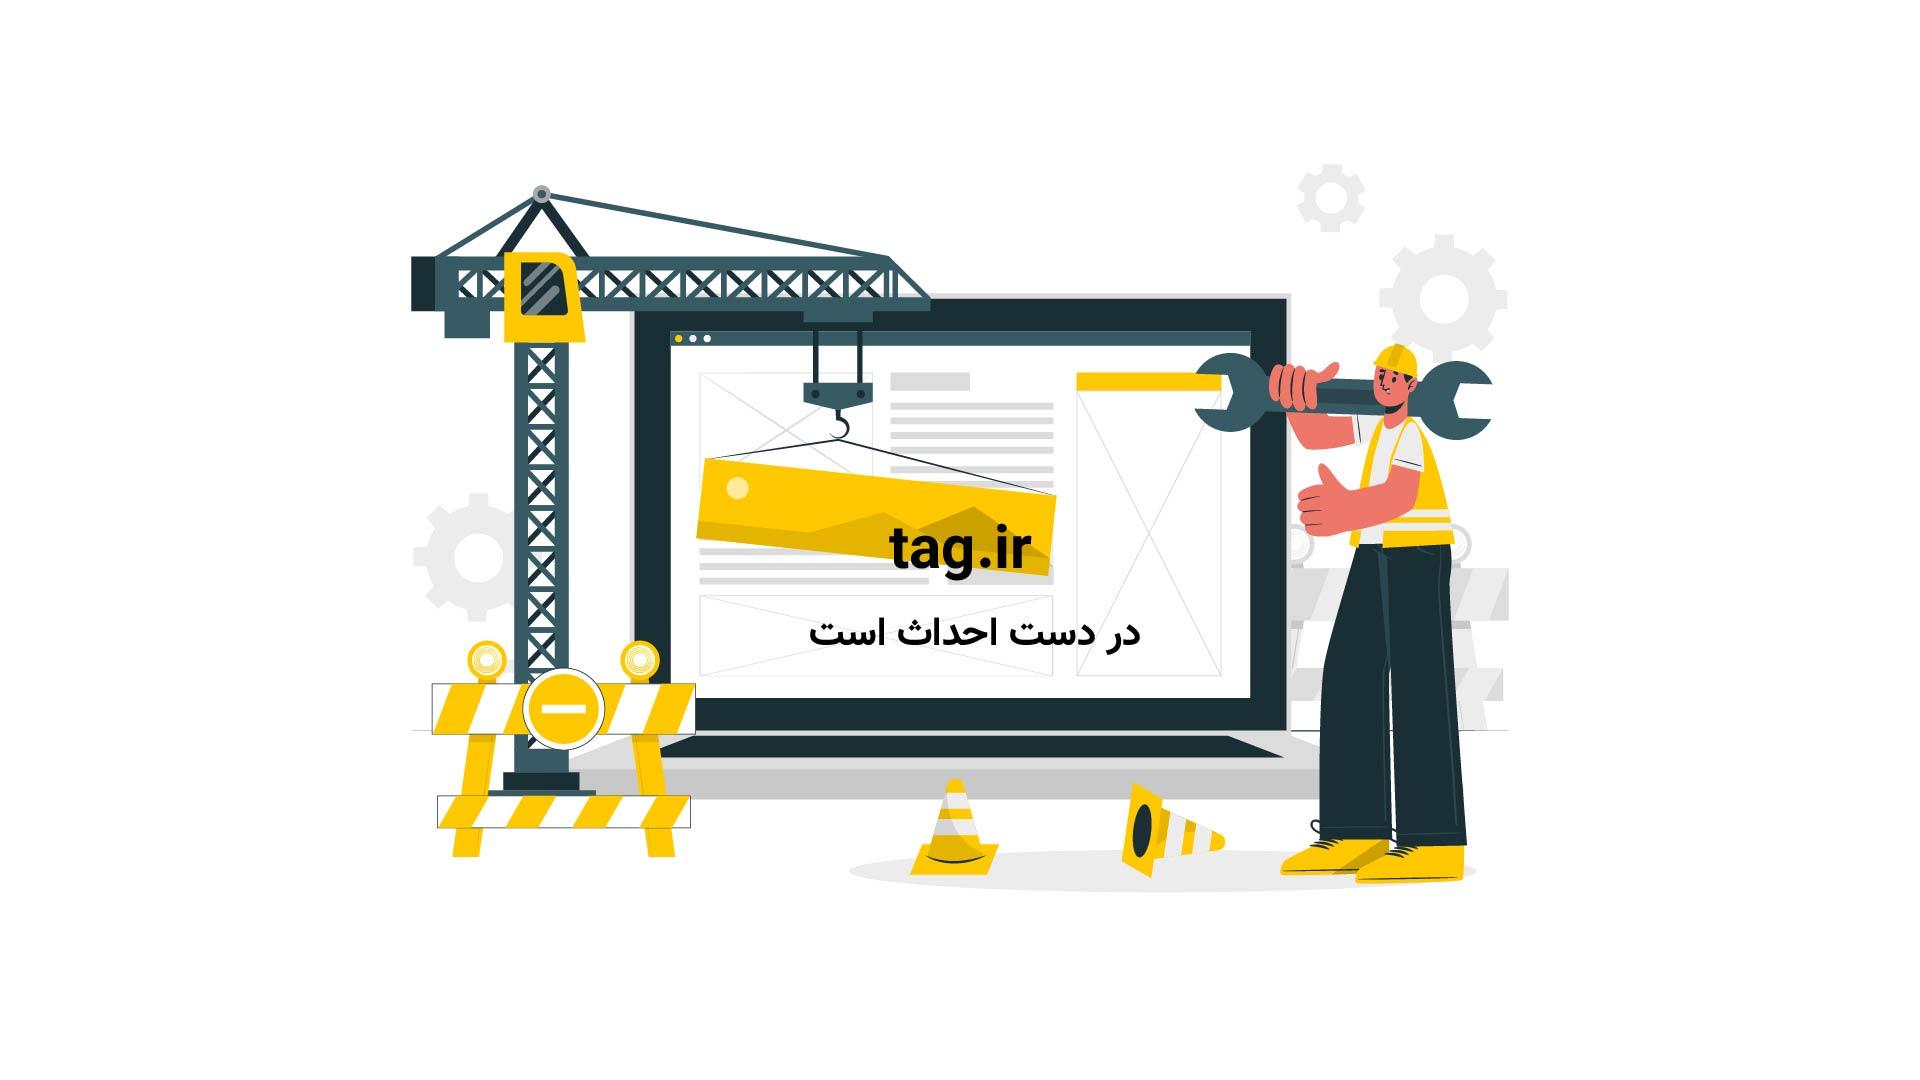 آموزش رسم سه بعدی پل بر روی کاغذ | فیلم